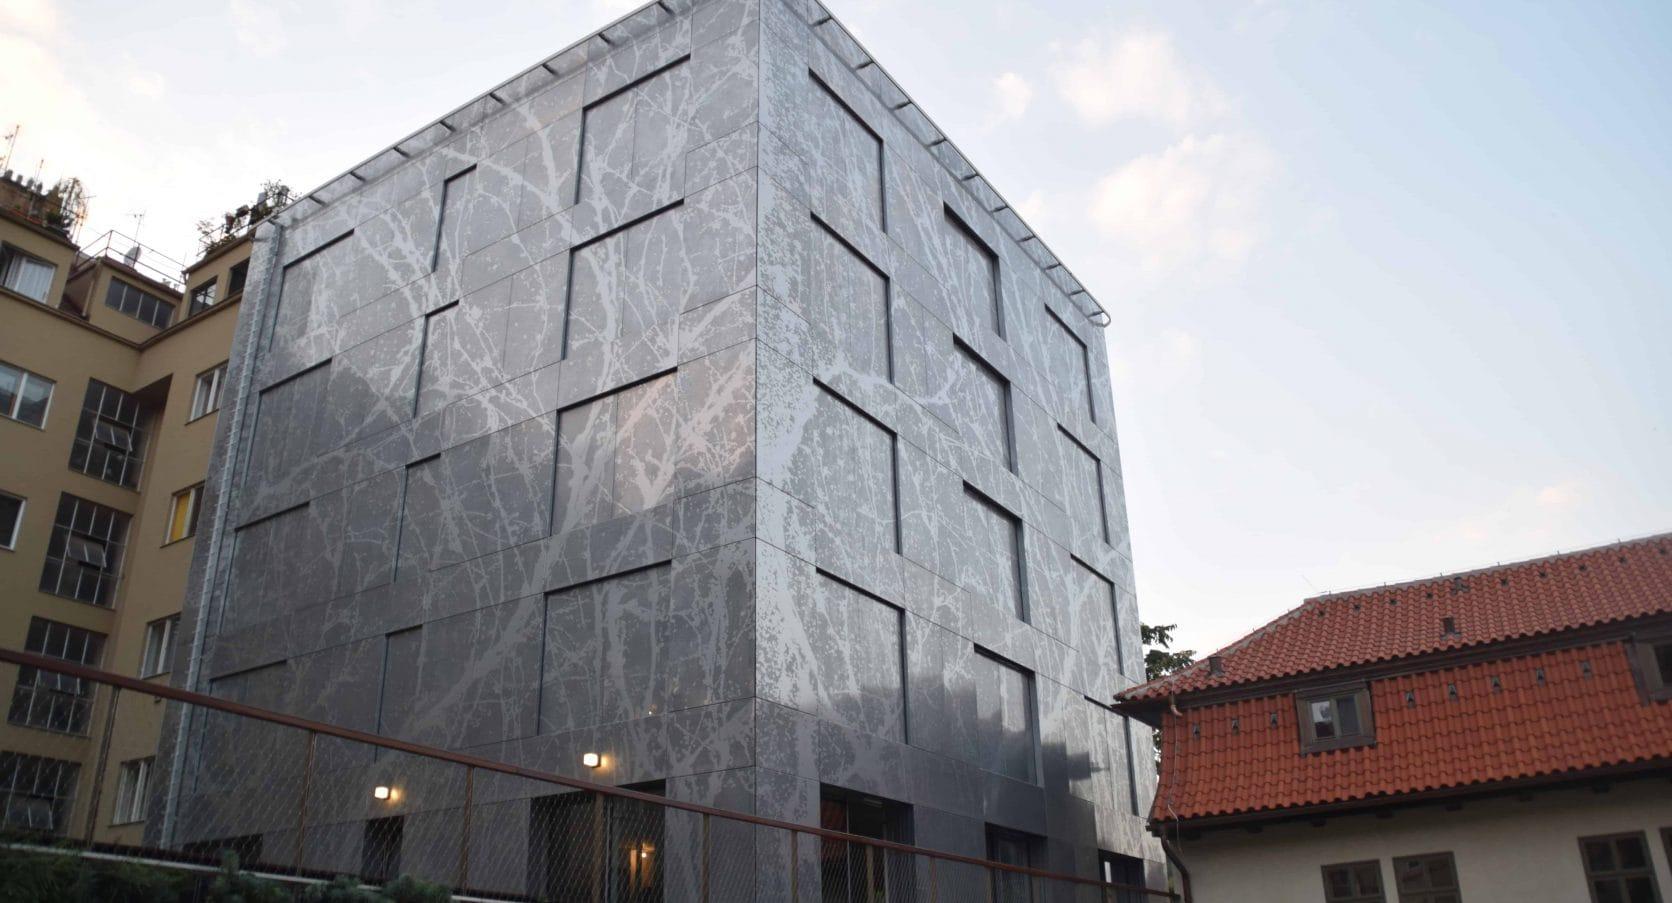 Voorbeeld van het project Old Town Court in Praa met designperforatie